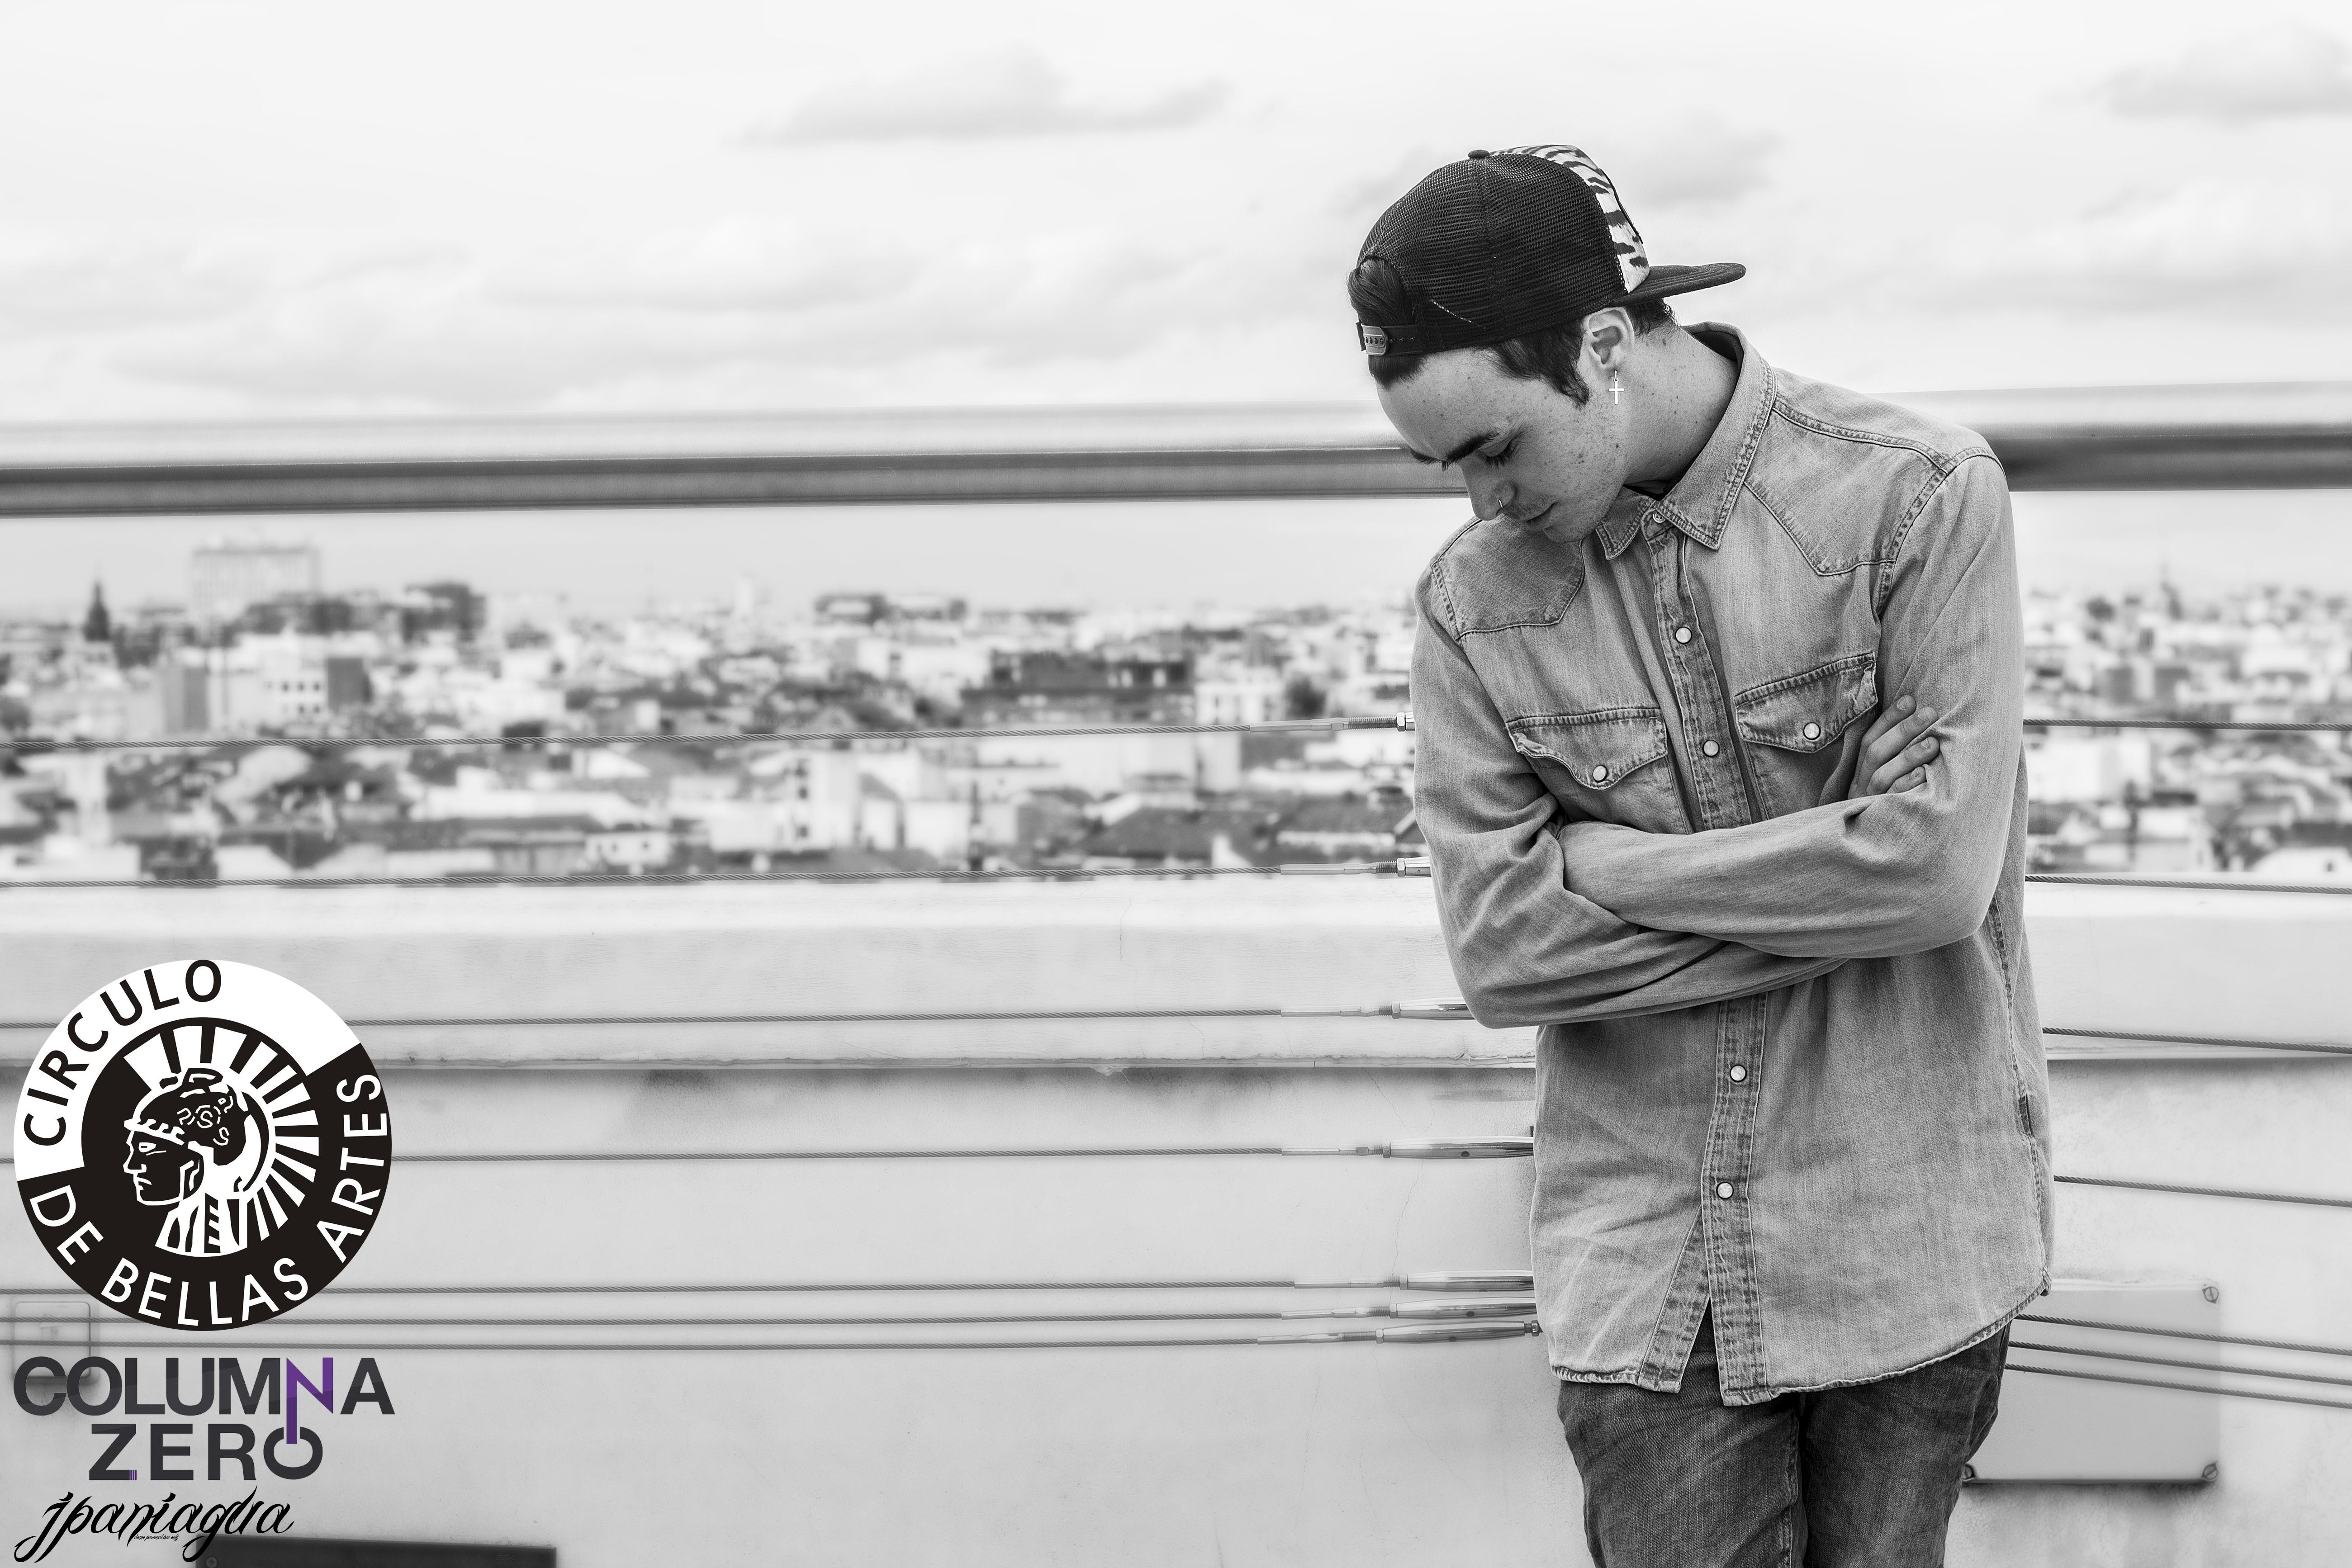 Una entrevista de Víctor Marfil para ColumnaZero (Fotografía: Julio Paniagua)